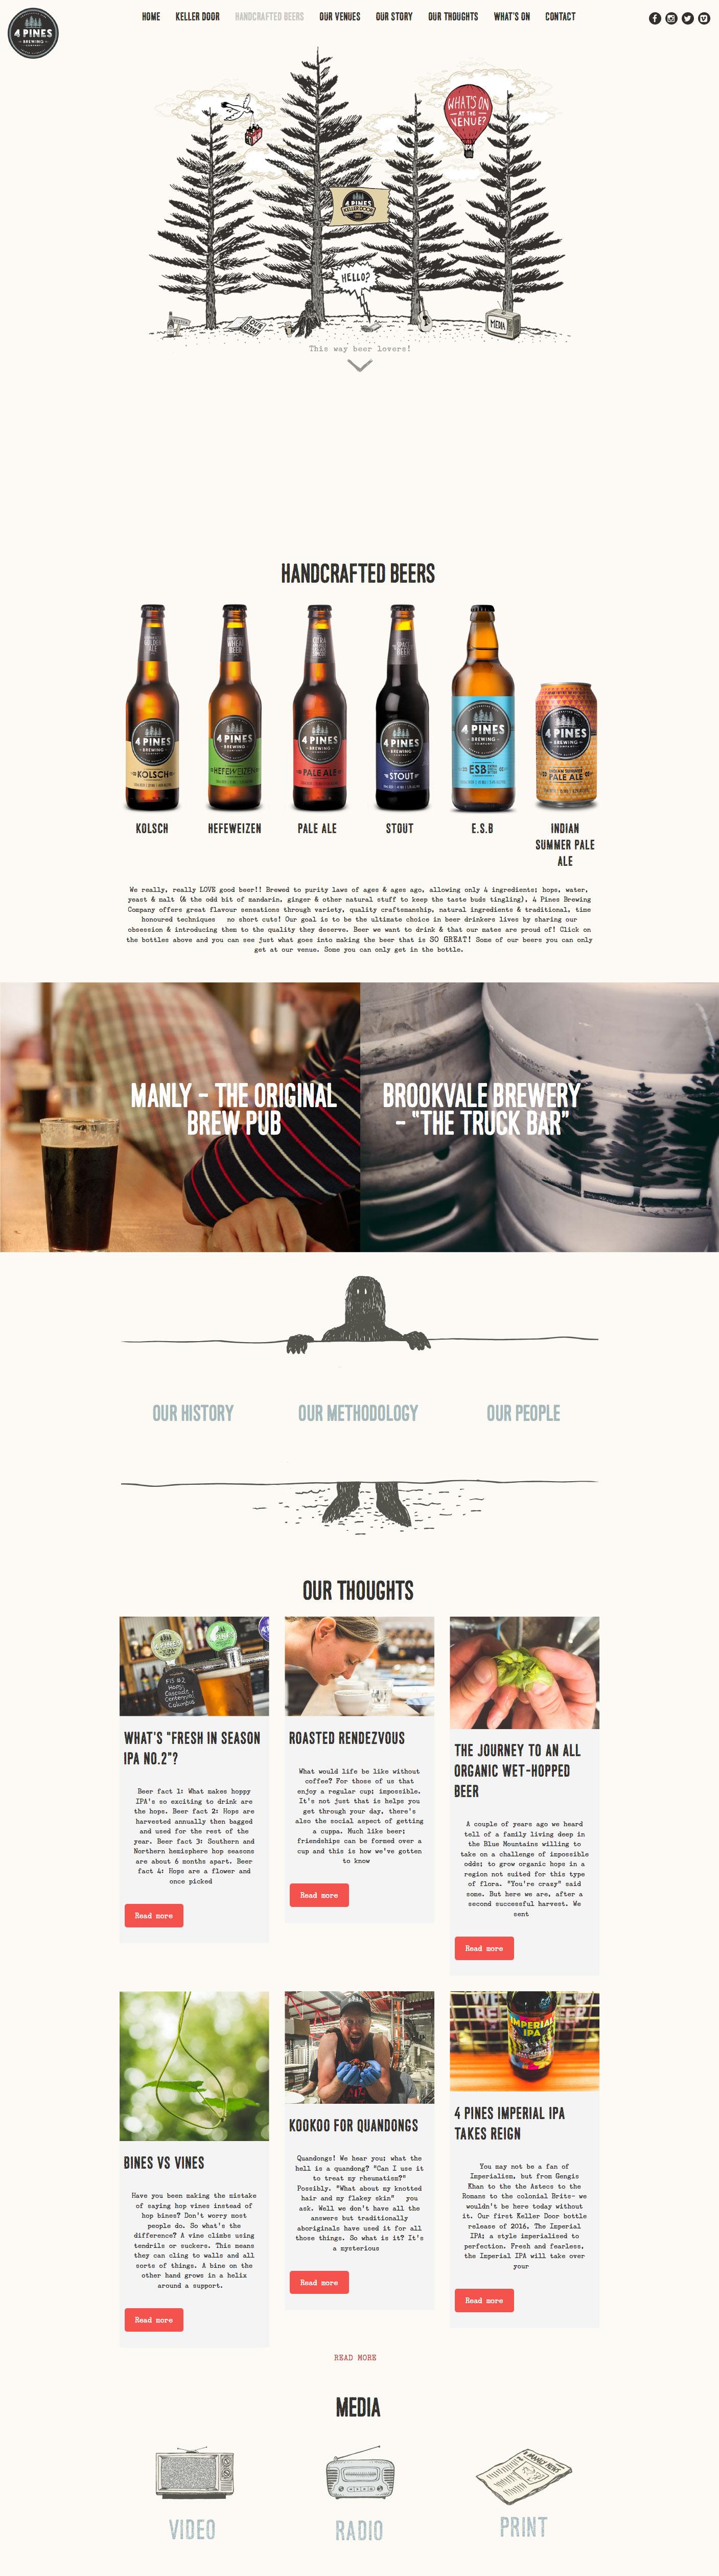 01-4-Pines-Beer